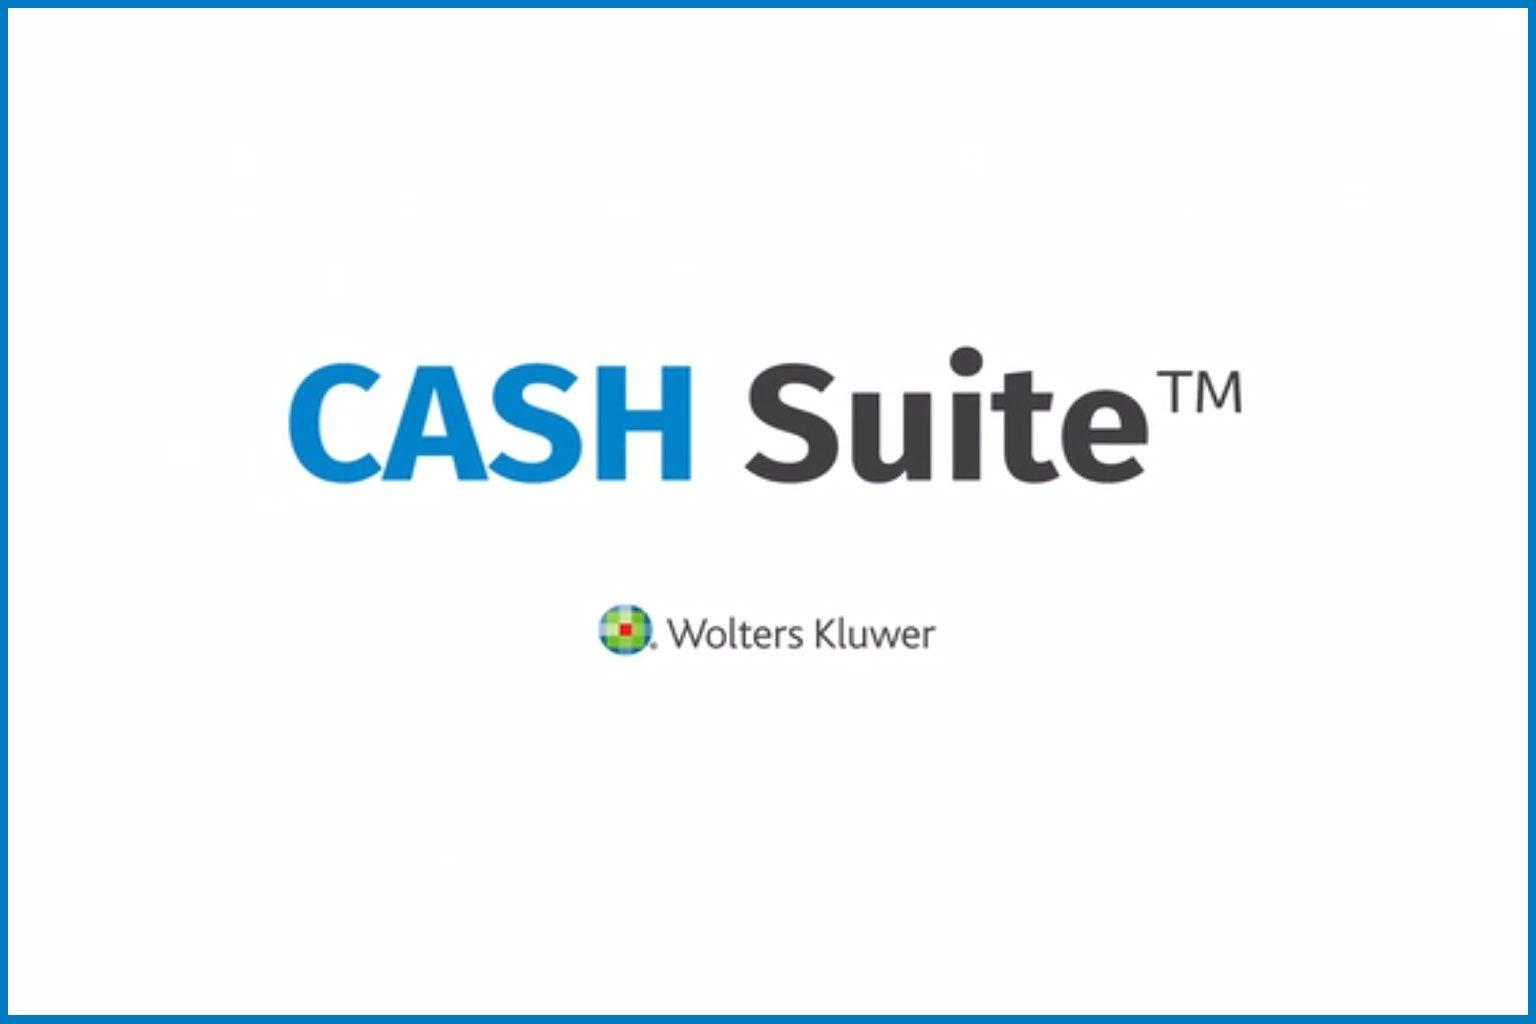 CASH Sute Video